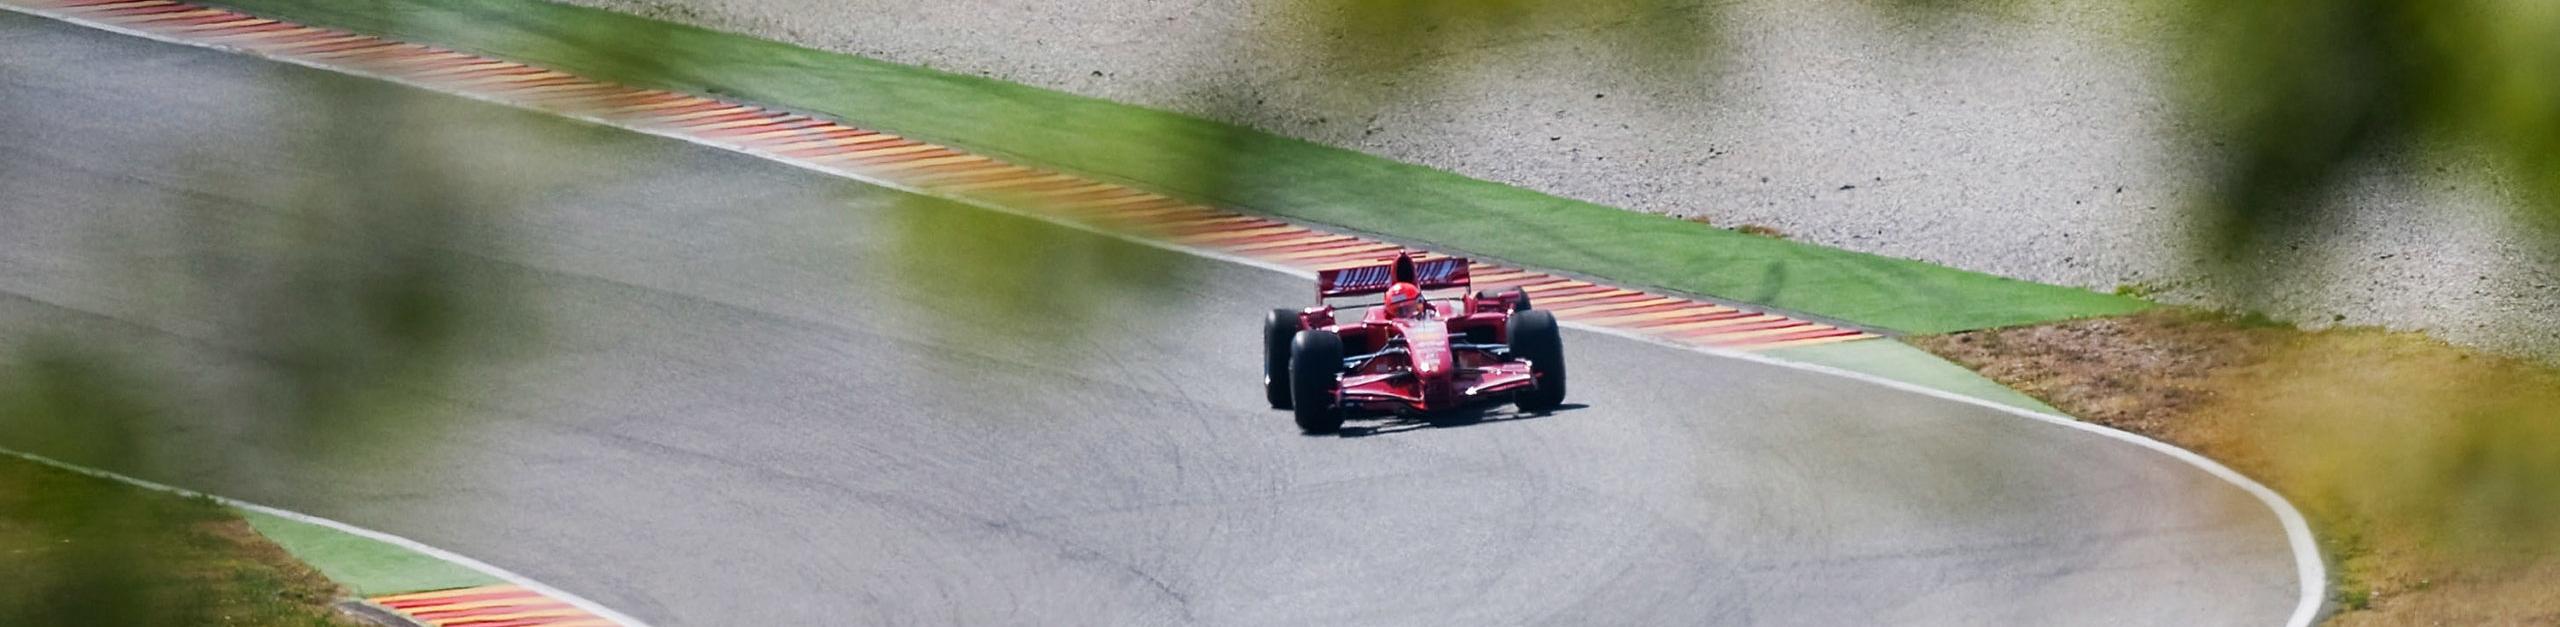 Autodromo del Mugello, l'esordio F1 di un circuito tutto Rosso: ecco la sua storia